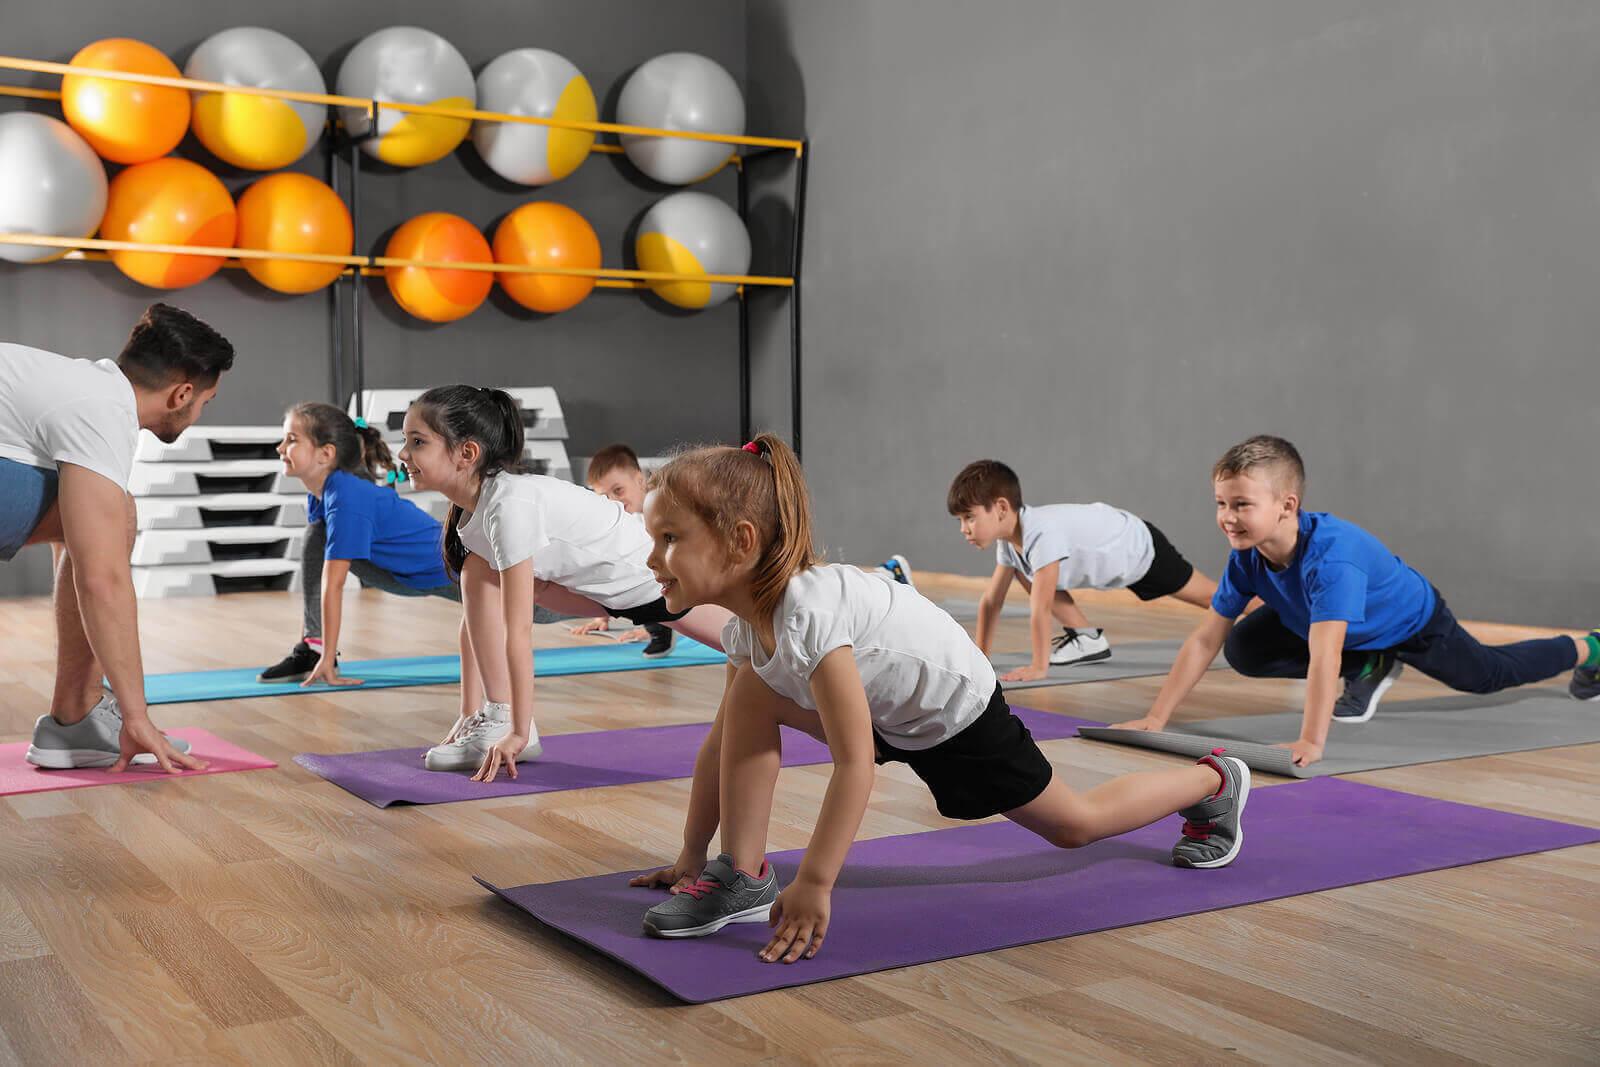 yoga i klassrummet